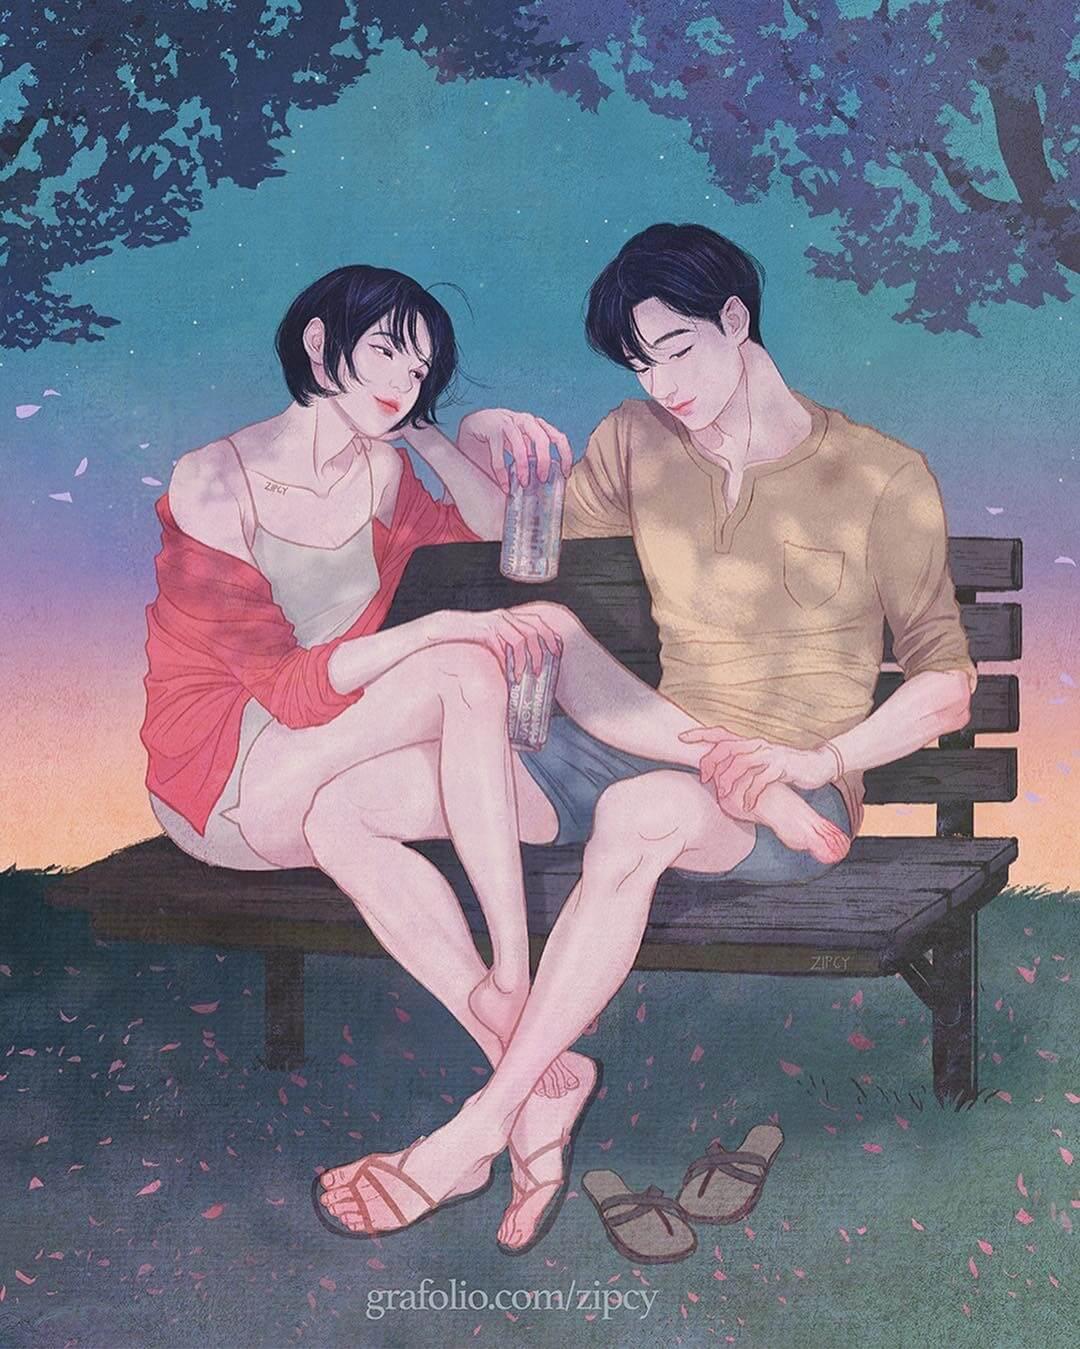 Арт картинки про любовь и отношения - подборка (27 фото) 11